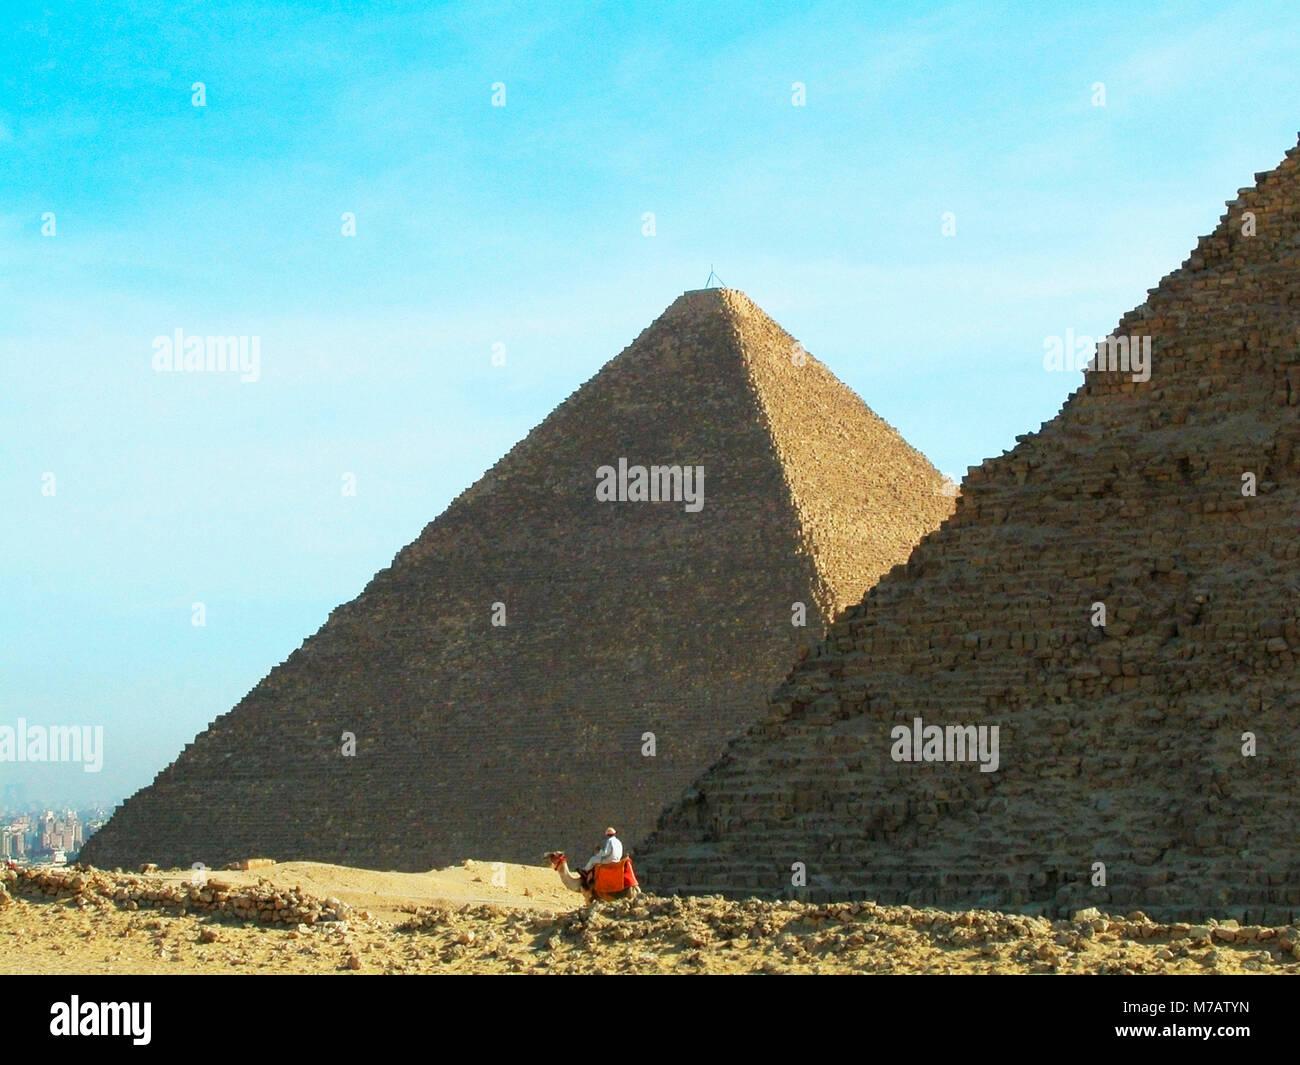 L'homme sur un chameau en face des pyramides, giza Pyramids, Giza, Le Caire, Egypte Photo Stock